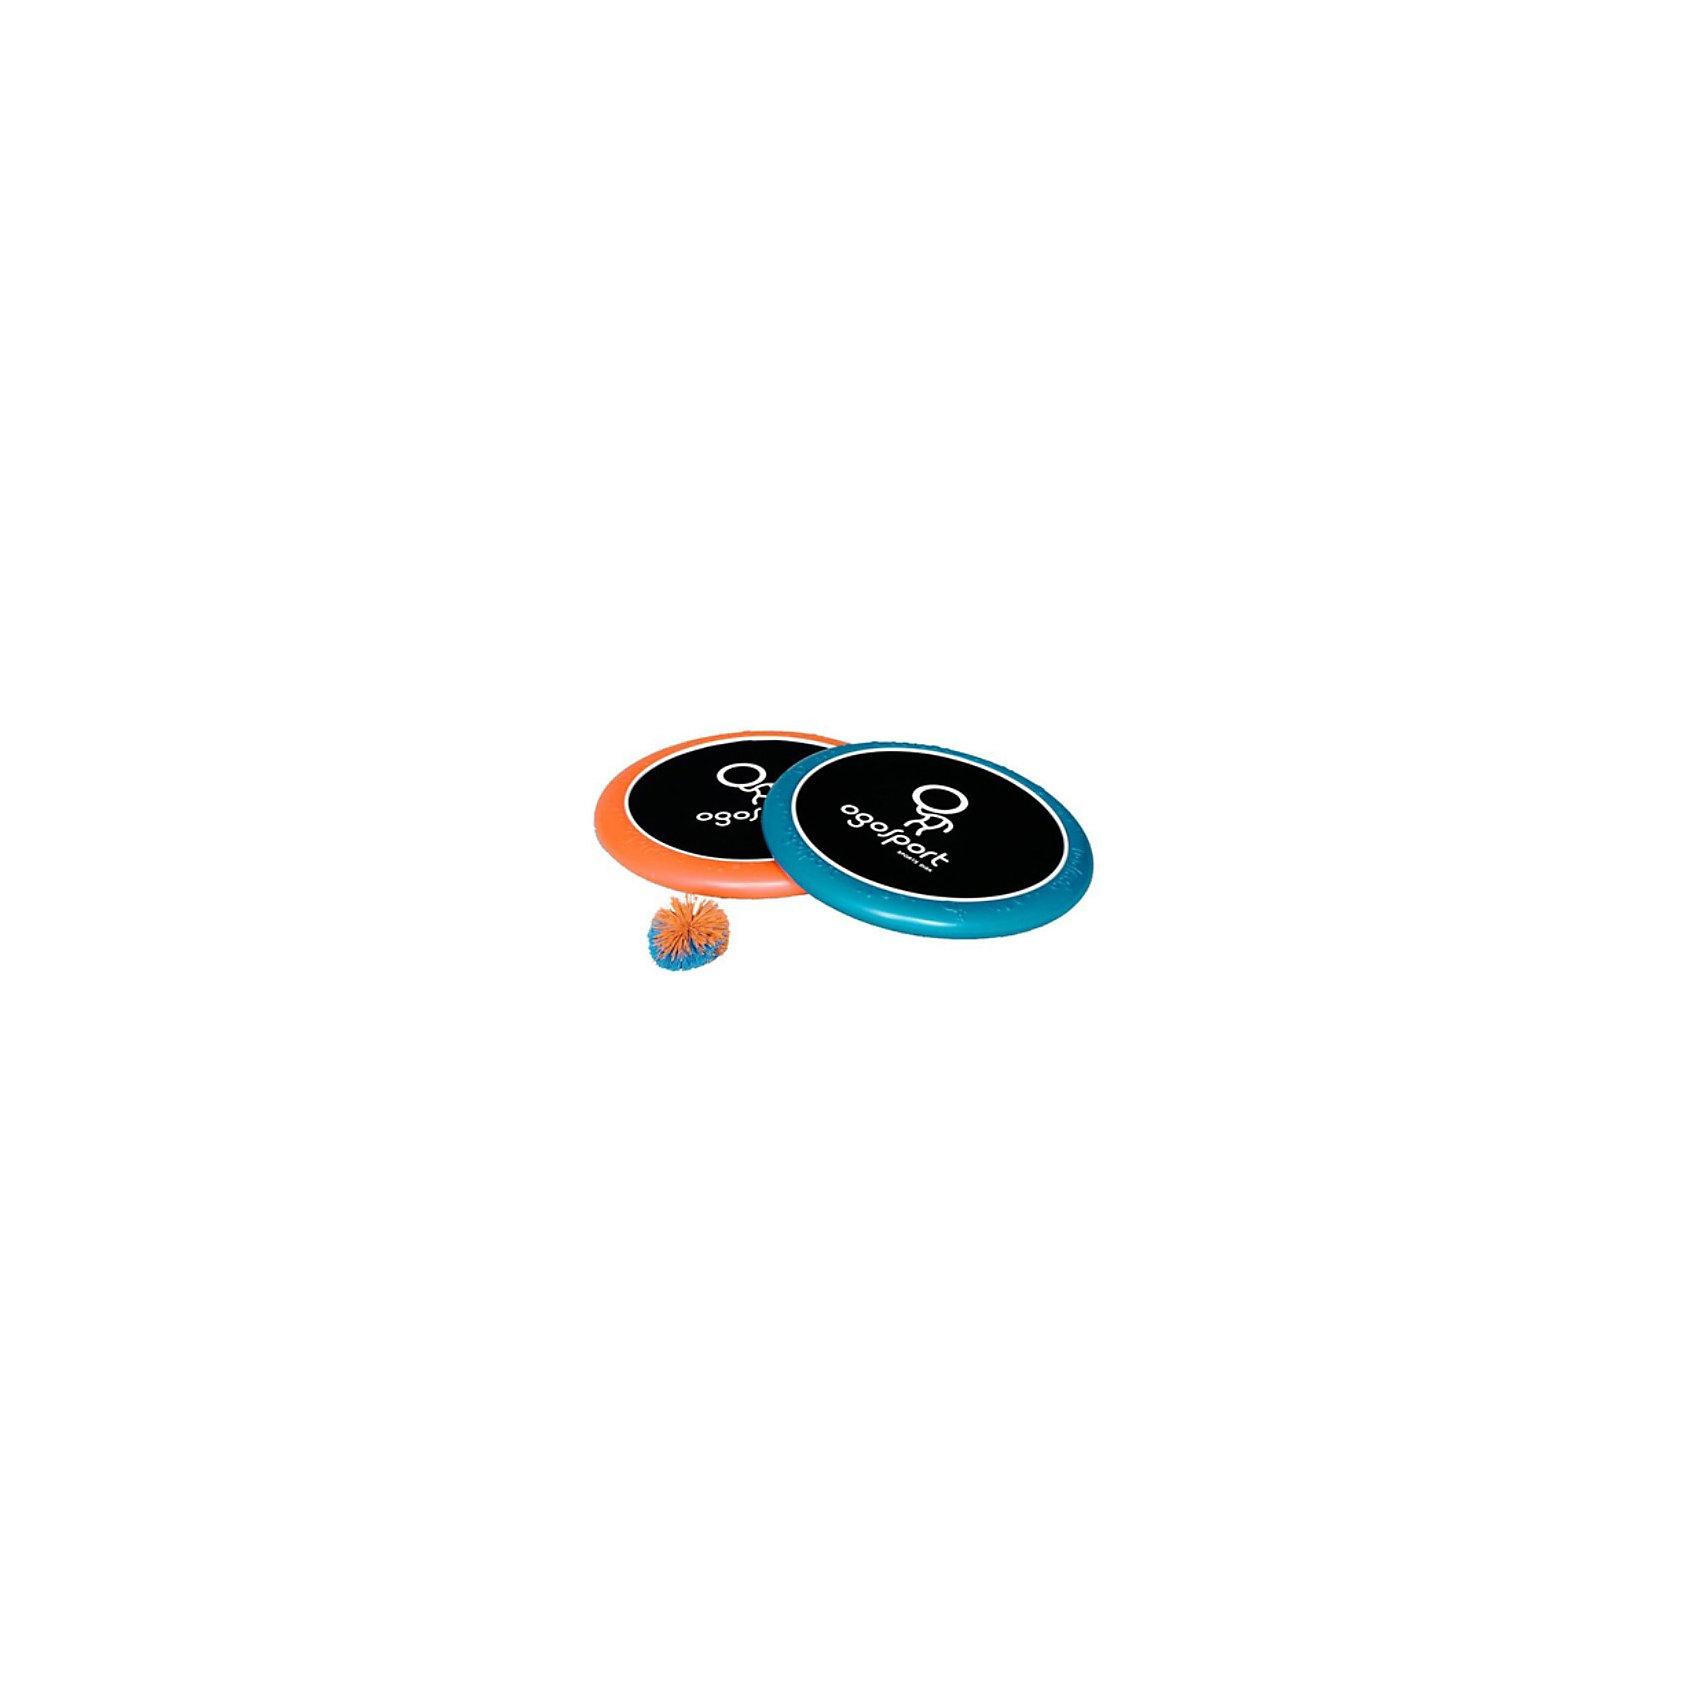 Игра Биг, ОгоспортОгоспорт - это спортивная игра огодисками. Комплект для игры Огоспорт состоит из 2 огодисков, и одного мячика. <br>Огодиск - это специальный диск, состоящий из пенообразного материала, с натянутой по центру эластичной сеточкой. Огодиск имеет эргономичный дизайн, его приятно держать в руке, он обладает отличными аэродинамическими характеристиками, благодаря чему огодиск прекрасно подходит для спортивной игры фрисби.<br><br>Огоспорт игра Биг от других моделей отличается только размерами, которые и делают его лучшим вариантом для игр. Подходит для самых активных игроков.<br><br>Дополнительная информация:<br><br>-диаметр огодиска: 38 см<br><br>Игру Биг, Огоспорт (Ogosport) можно купить в нашем магазине.<br><br>Ширина мм: 370<br>Глубина мм: 70<br>Высота мм: 390<br>Вес г: 550<br>Возраст от месяцев: 36<br>Возраст до месяцев: 1188<br>Пол: Унисекс<br>Возраст: Детский<br>SKU: 3180383